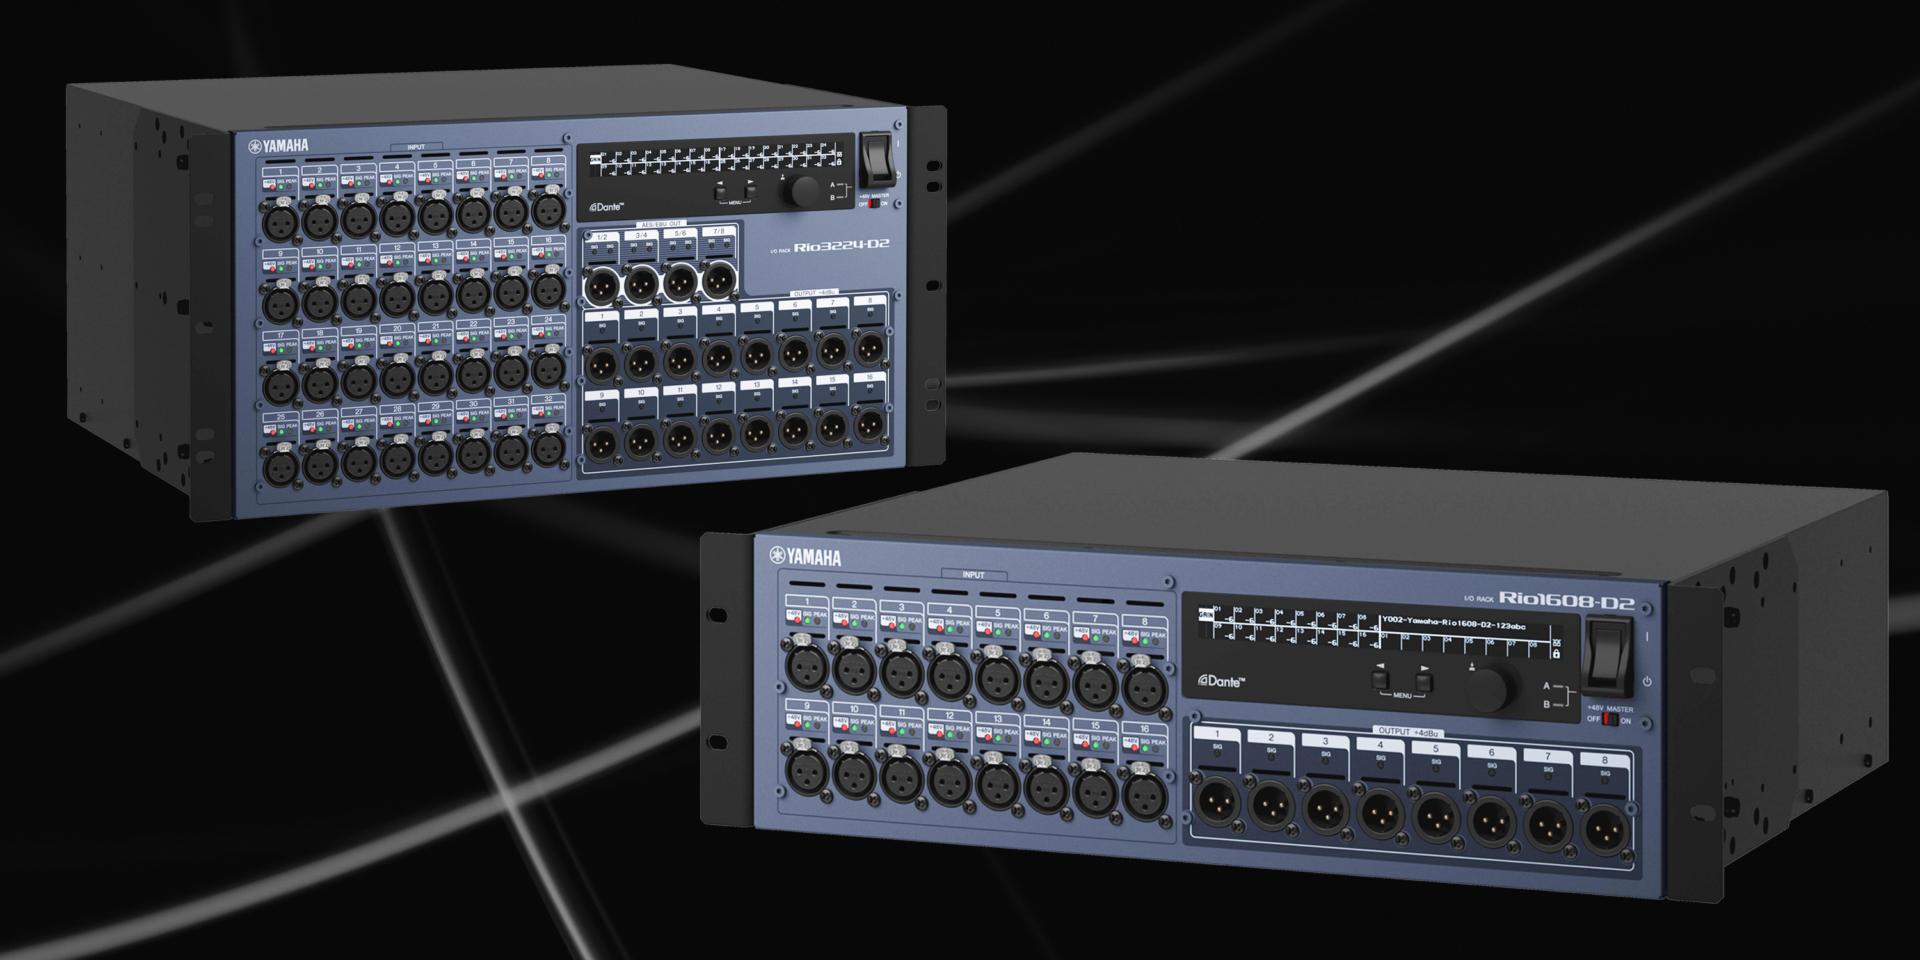 Nella nuova versione RIO-D2 i circuiti analogici sviluppati sulla serie precedente sono stati rivisti per offrire un suono che rappresenti la naturale evoluzione verso il nuovo standard RIVAGE PM series .